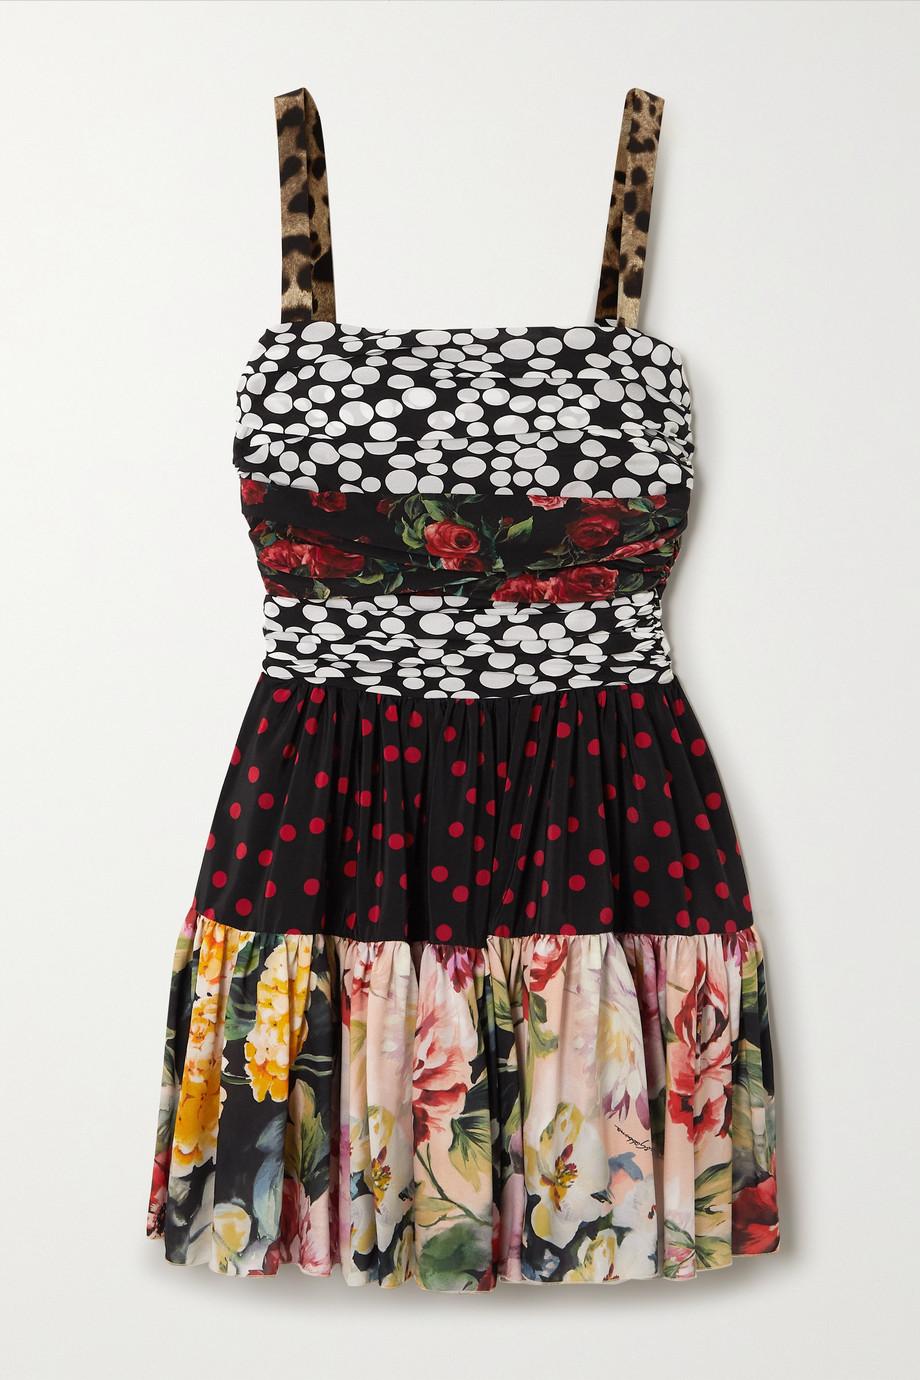 Dolce & Gabbana Mini-robe patchwork en crêpe de Chine de soie mélangée à fronces